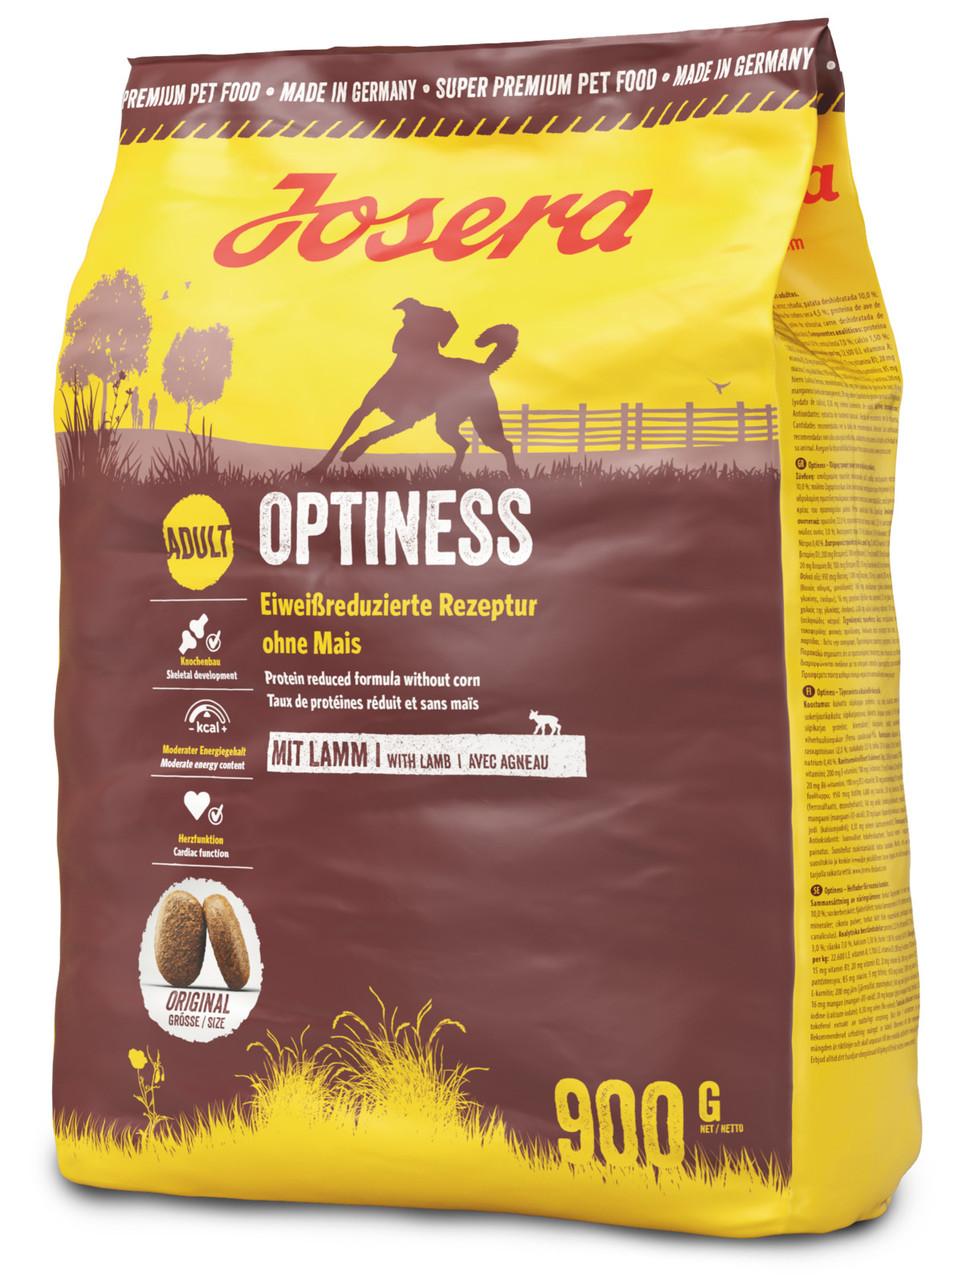 b9f053124243f9 Йозера Оптинес Josera Optiness корм для взрослых собак без кукурузы с  ягненком 900 г